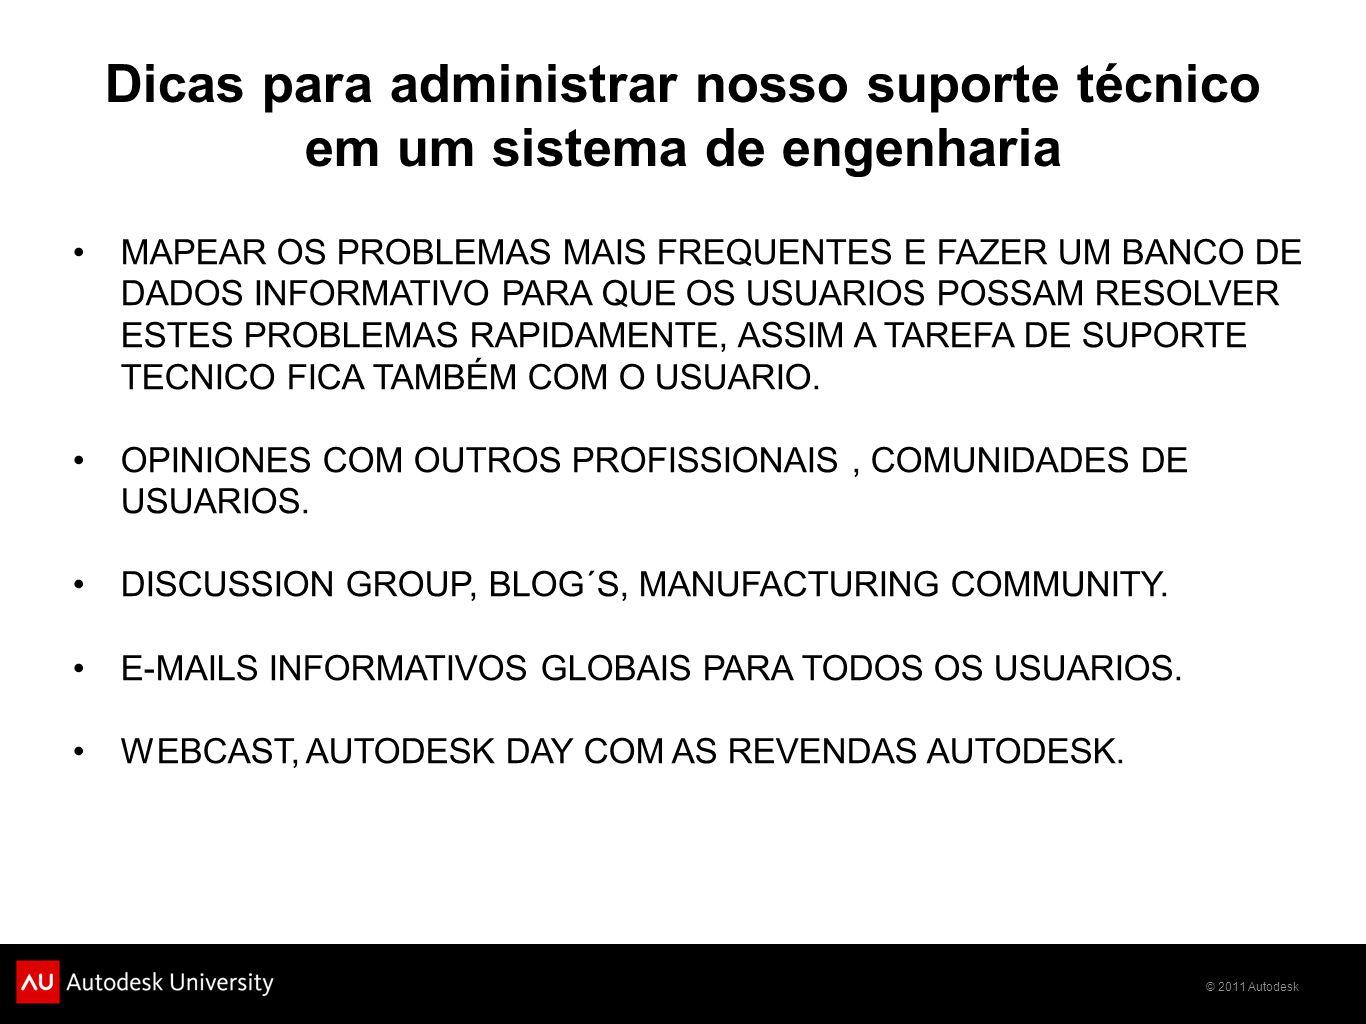 Dicas para administrar nosso suporte técnico em um sistema de engenharia